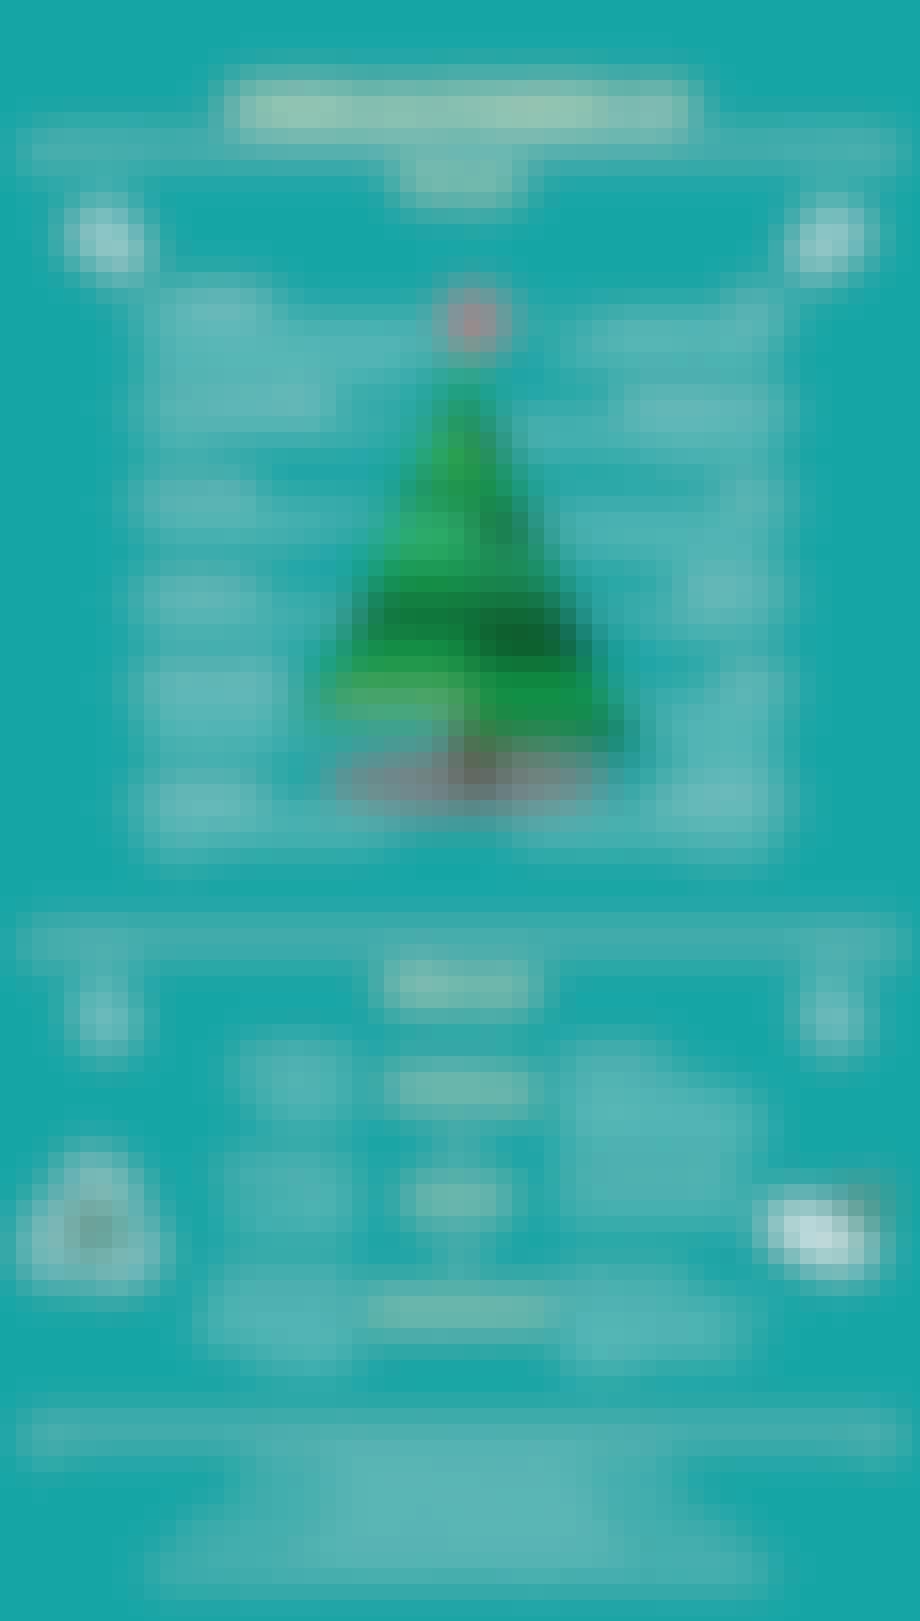 juletræer plastiktræ juletræ grafik genbrug bæredygtig